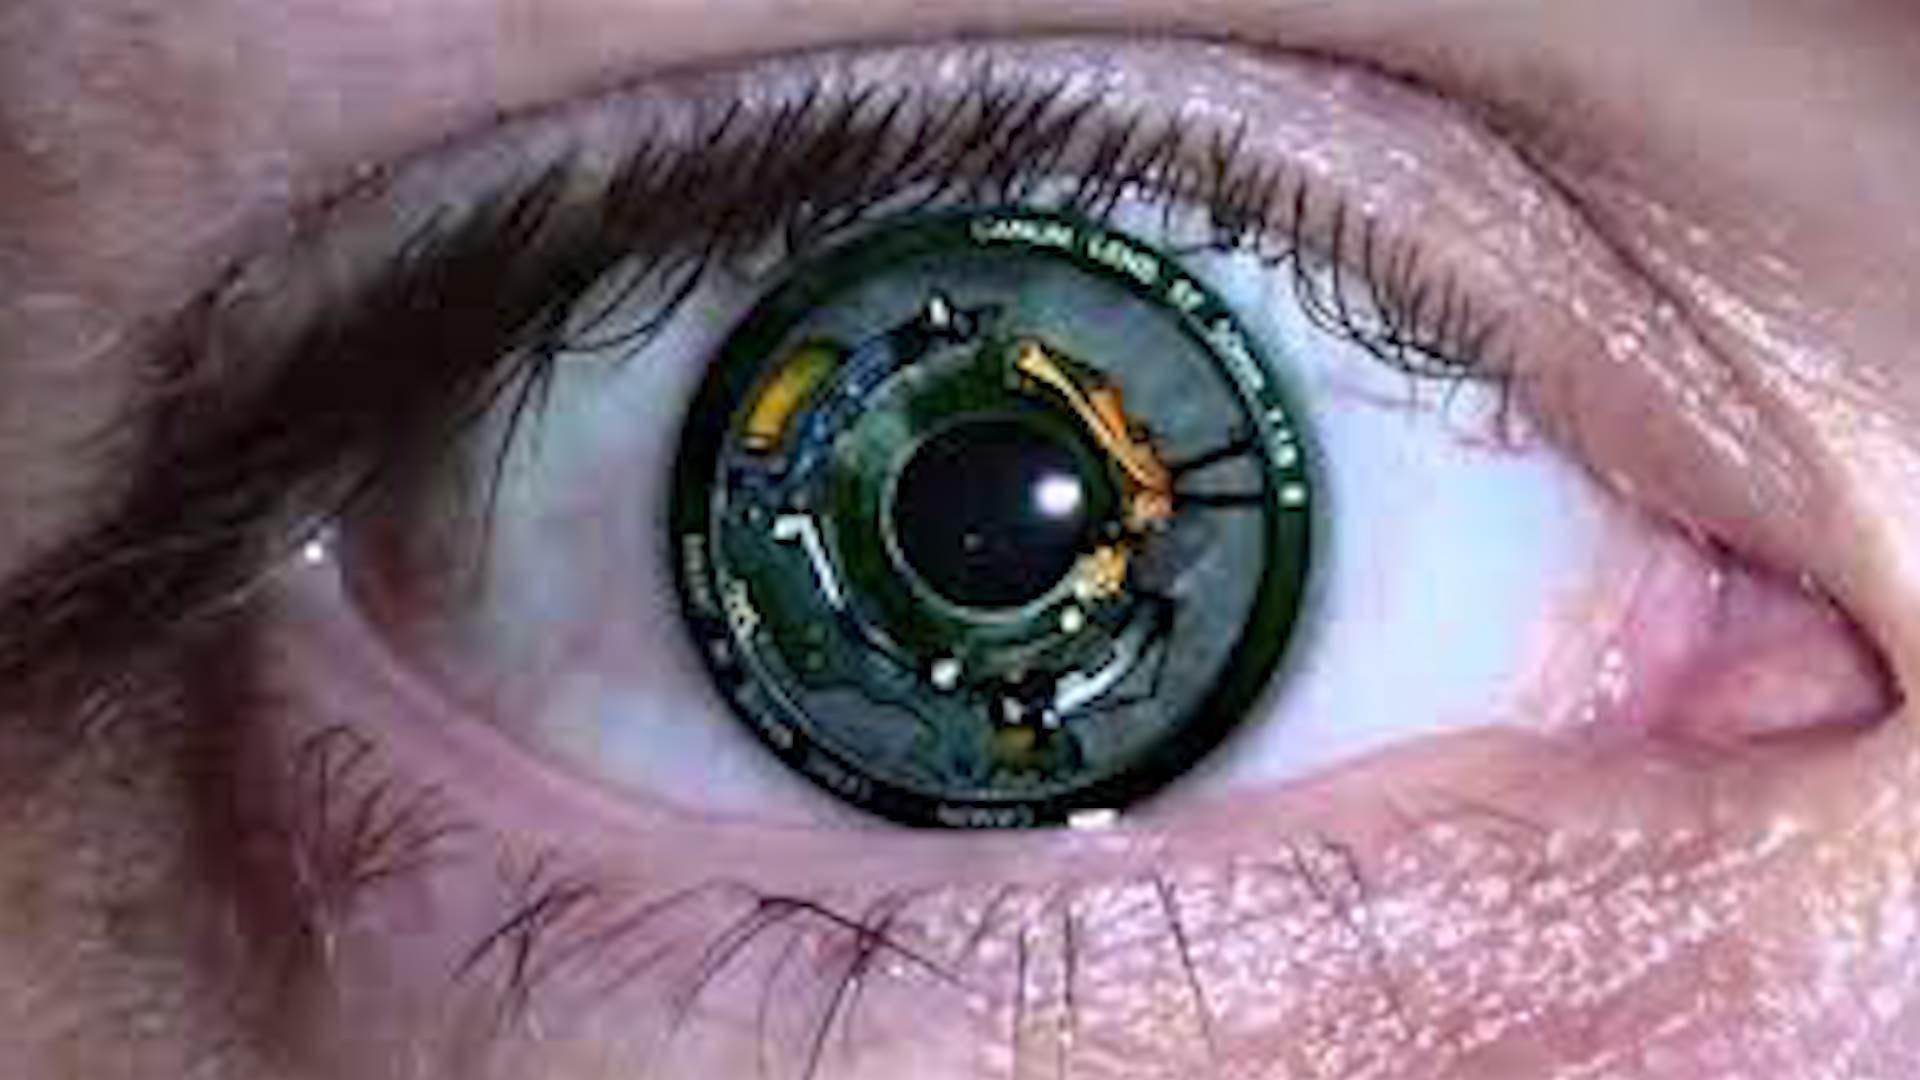 تصميم العين الإلكترونية الجديدة يخلق نمطاً مرئياً من مجموعات تصل إلى 172 نقطة ضوئية